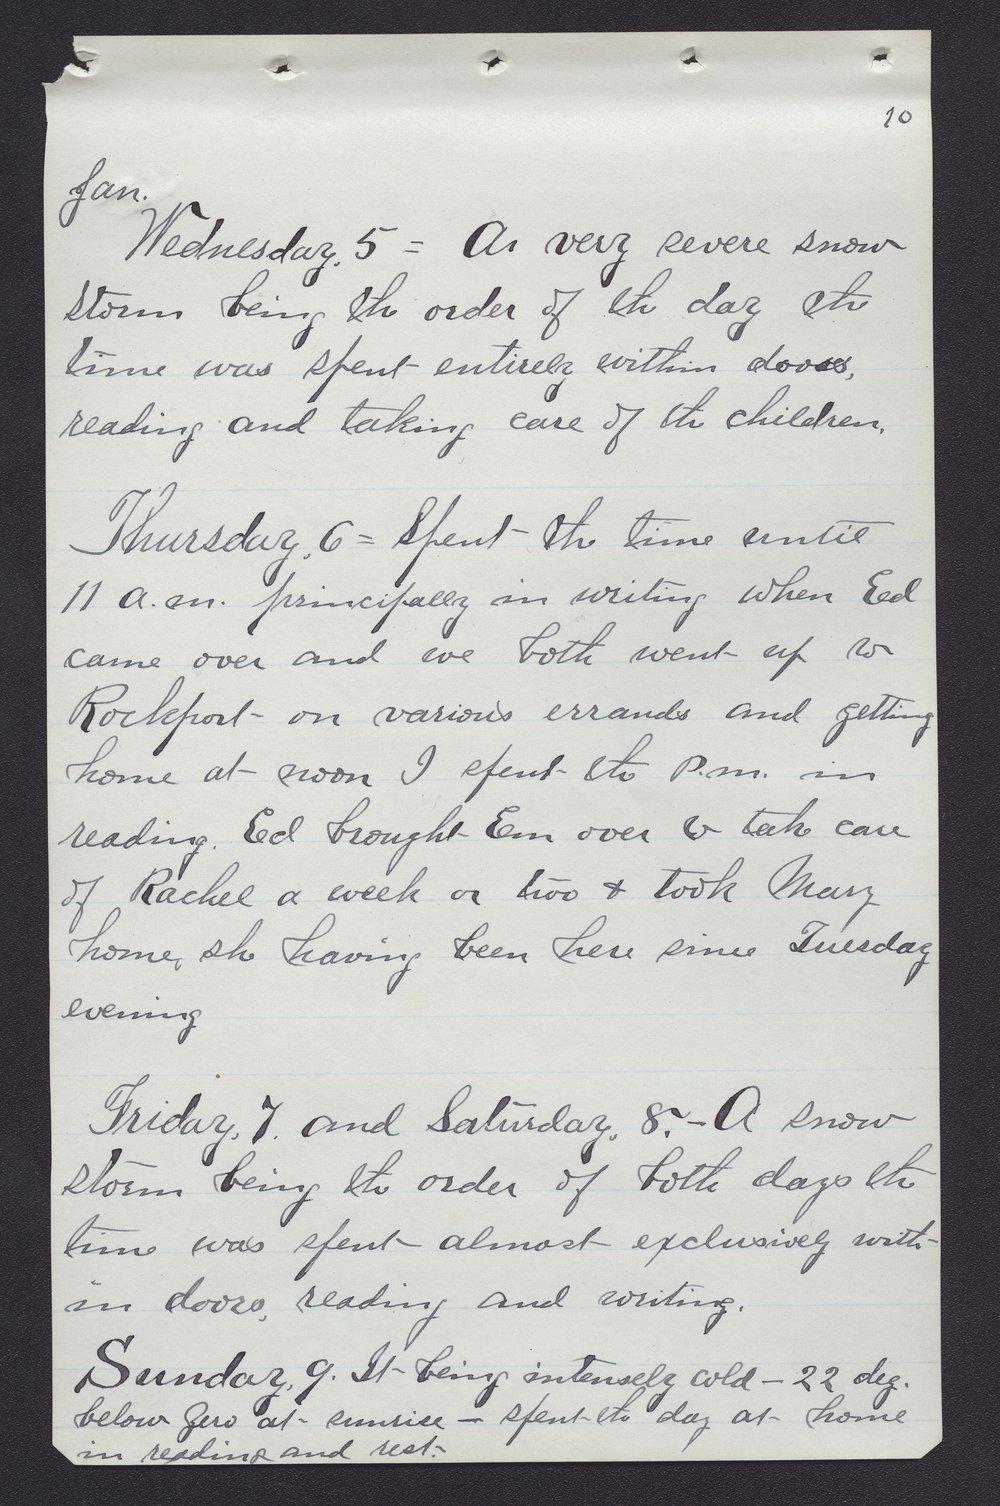 Elam Bartholomew diary - Jan 5, 1881